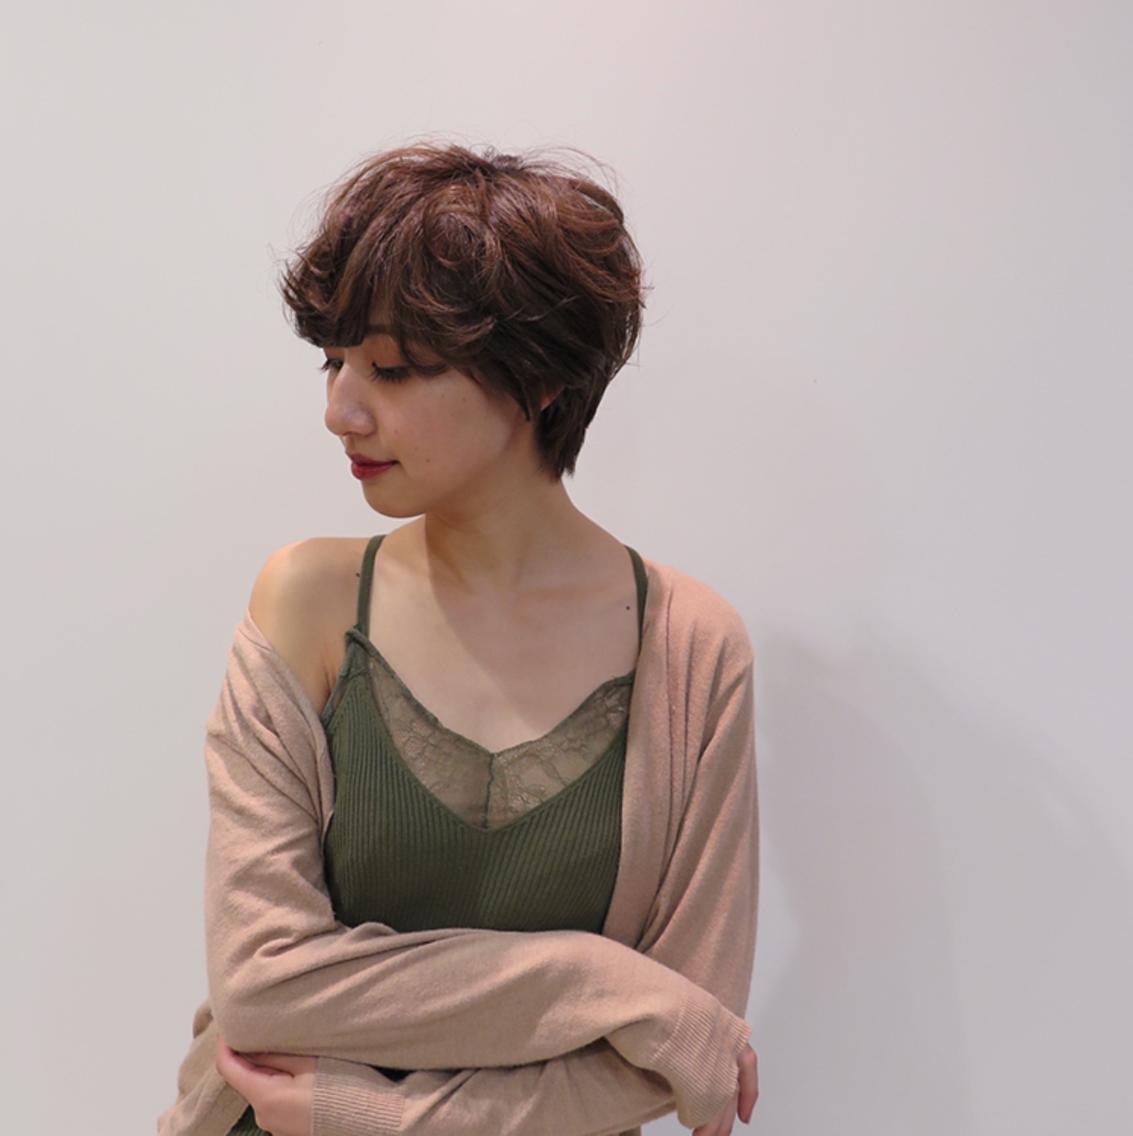 seasons express府中店所属・佐藤連の掲載